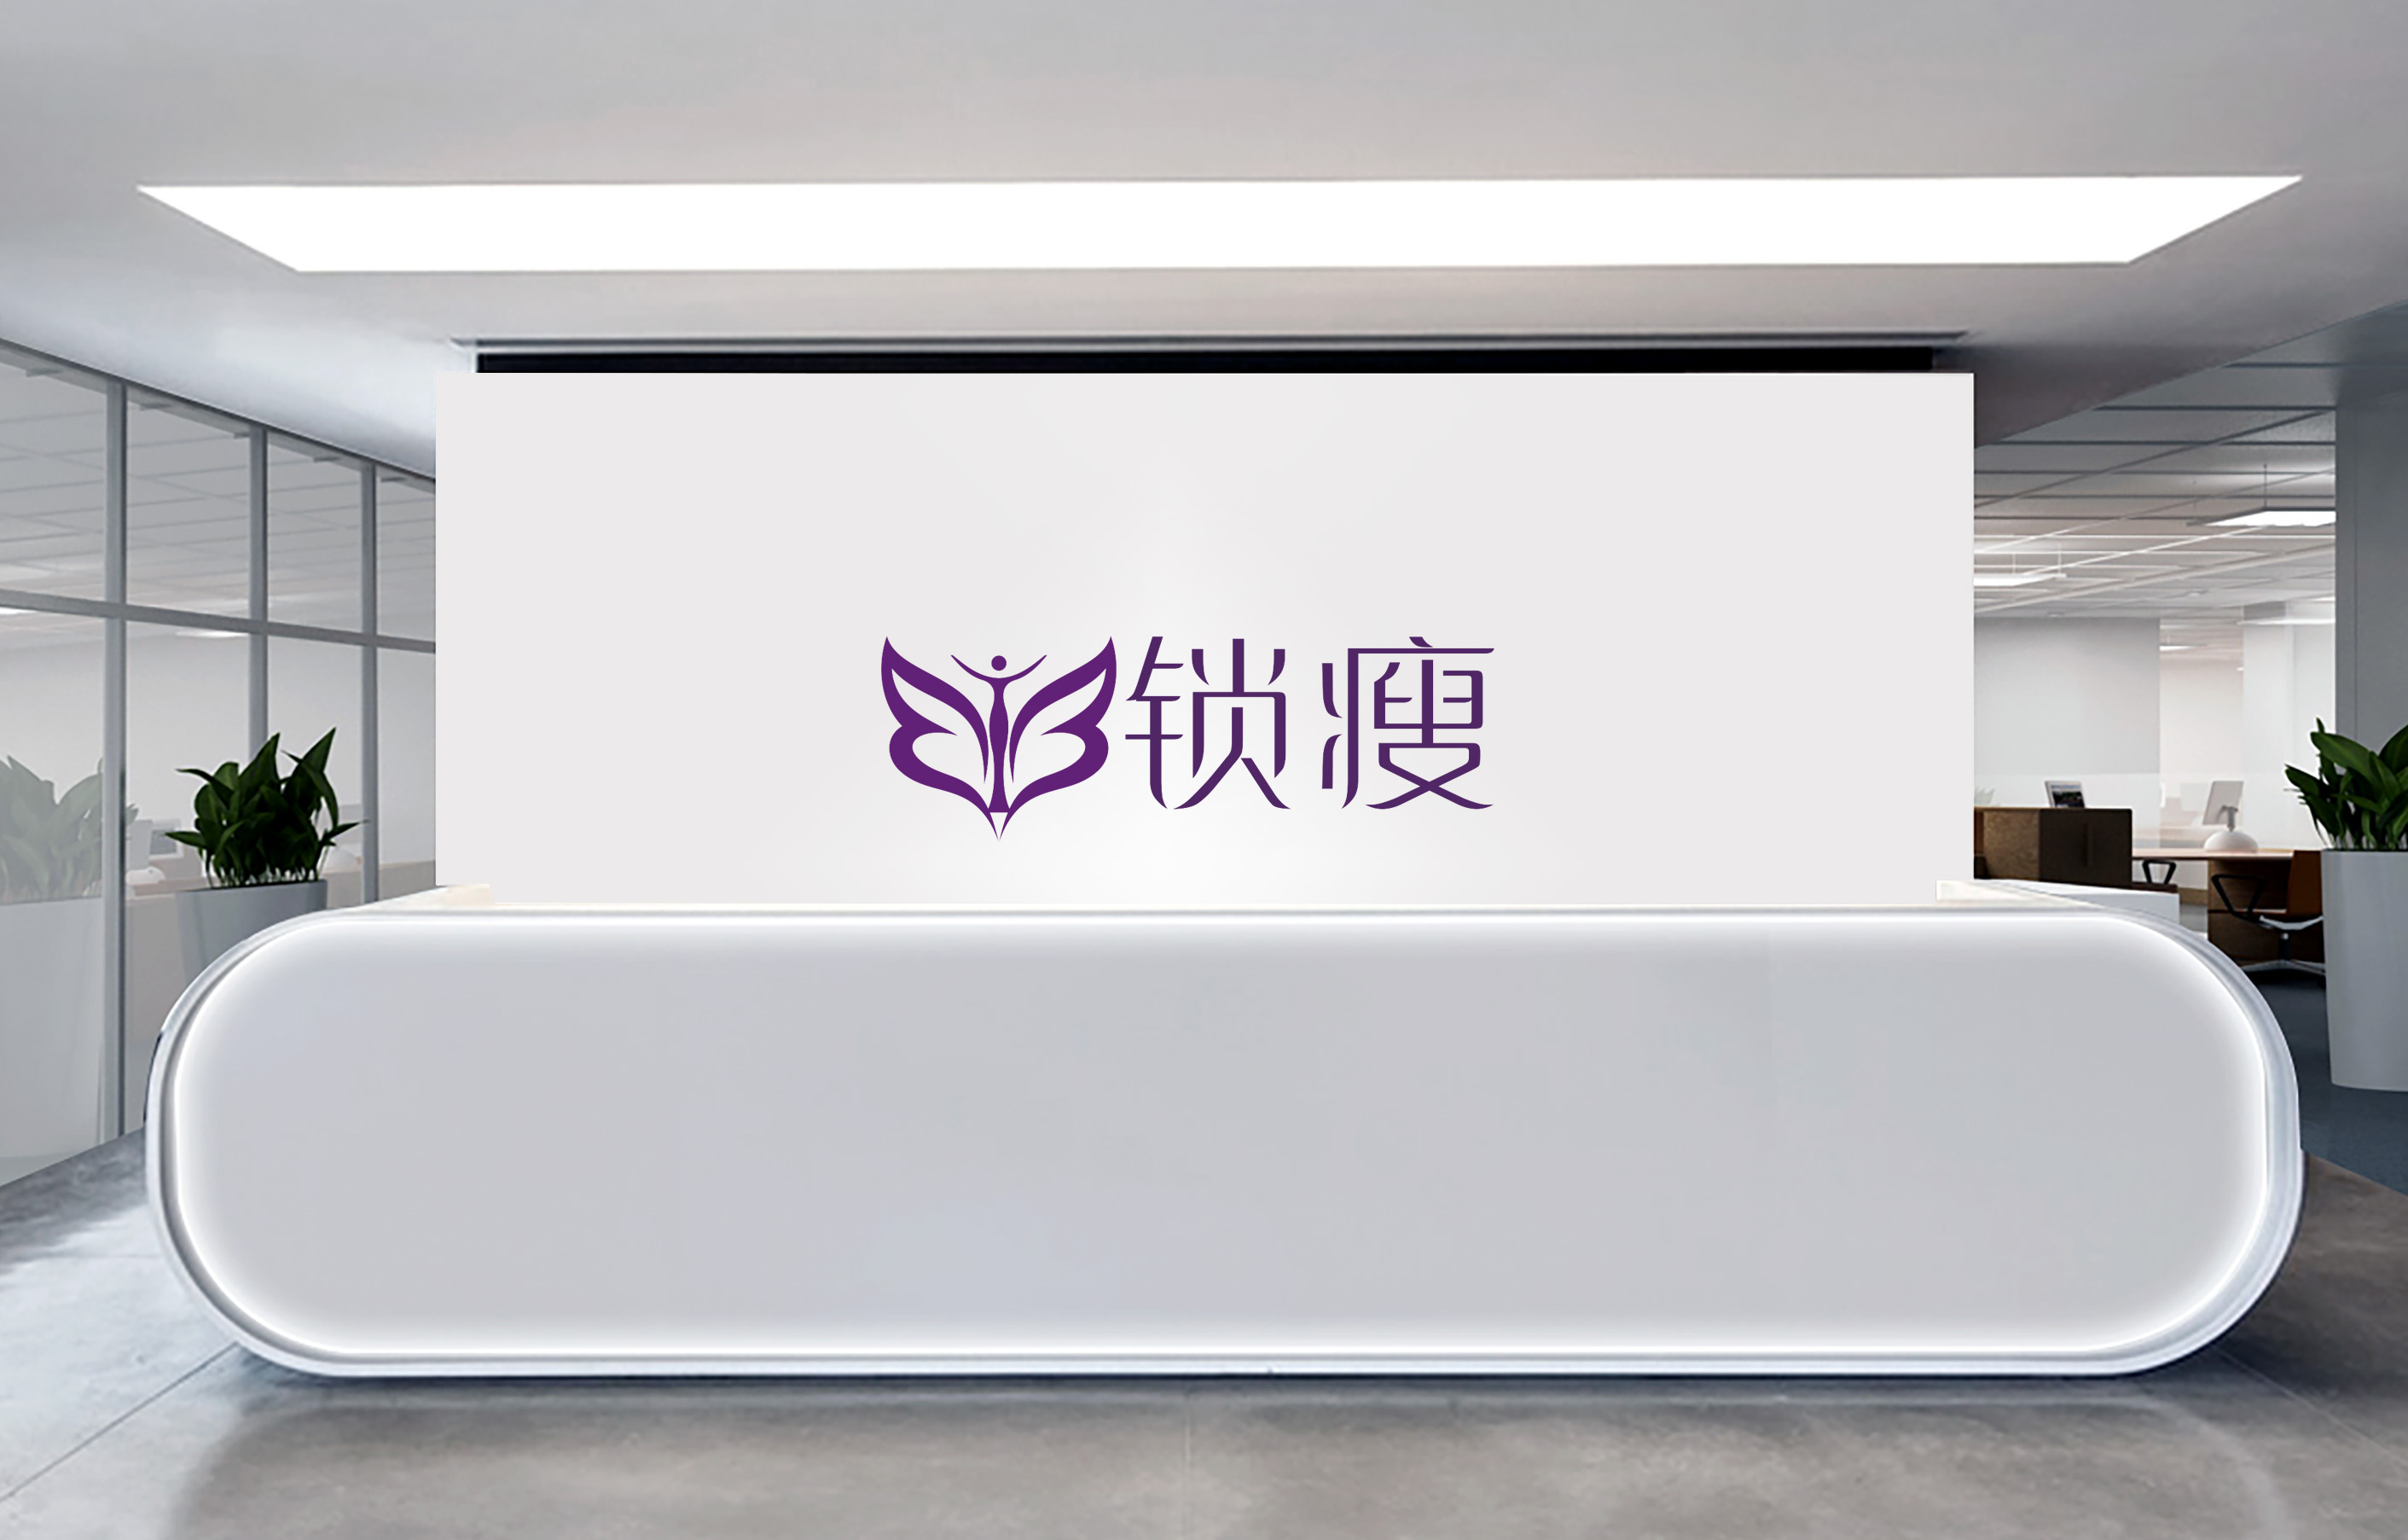 产品logo设计(内容有更新7.14)_3034090_k68威客网